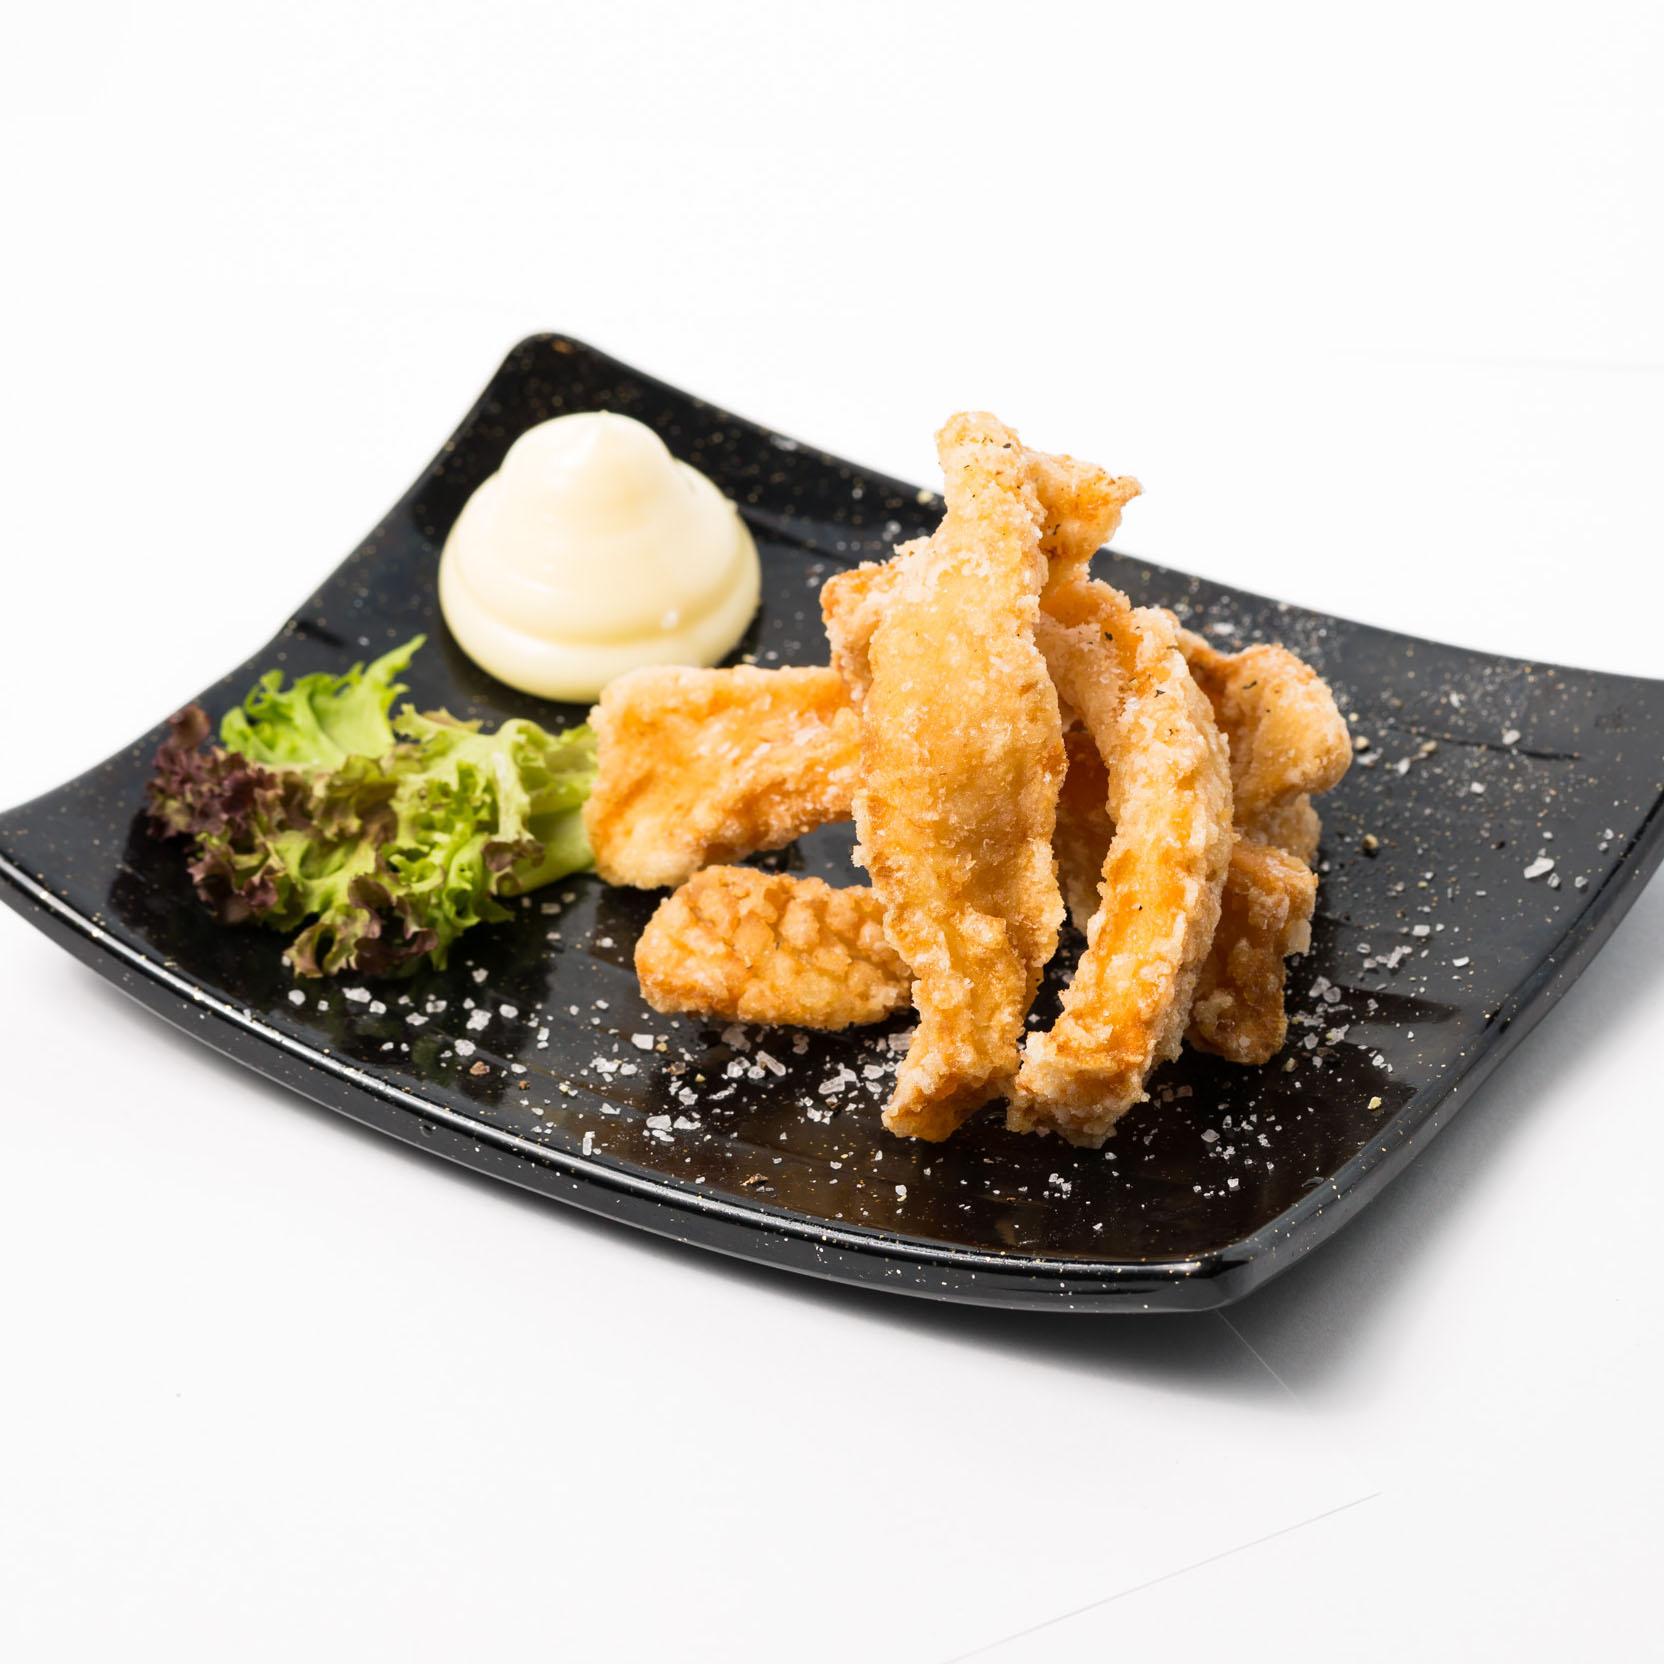 Salt & Papper Calamari